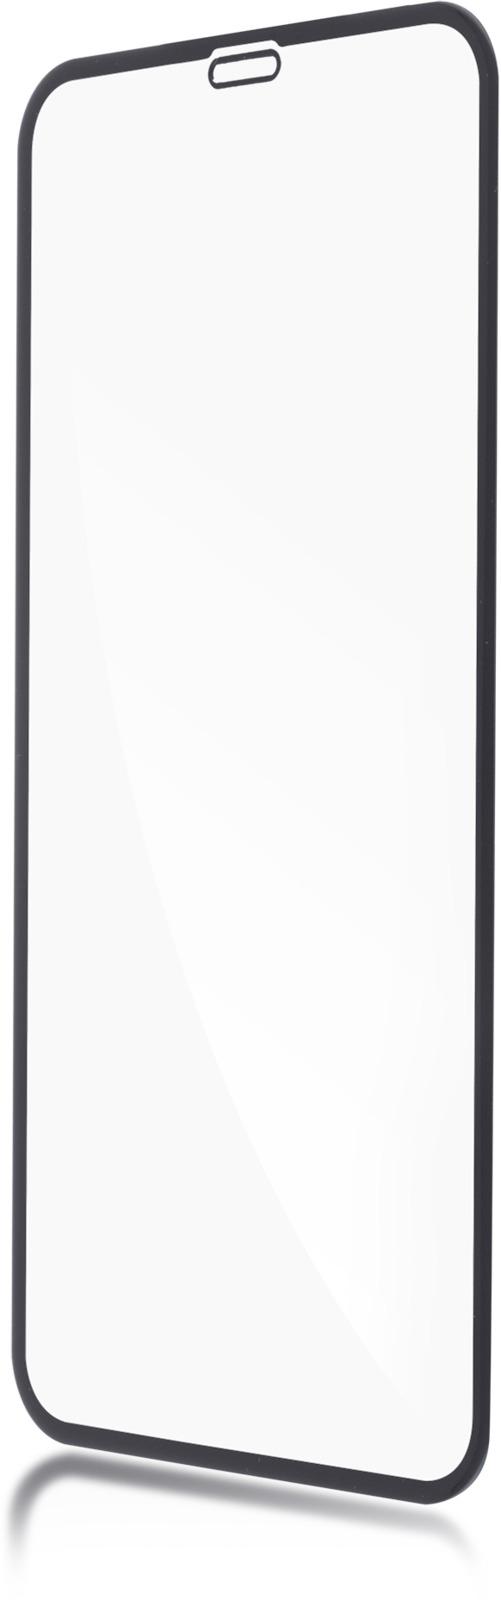 Защитное стекло Brosco 3D для Apple iPhone XR, черный защитное стекло для iphone xs brosco 3d изогнутое по форме дисплея с черной рамкой